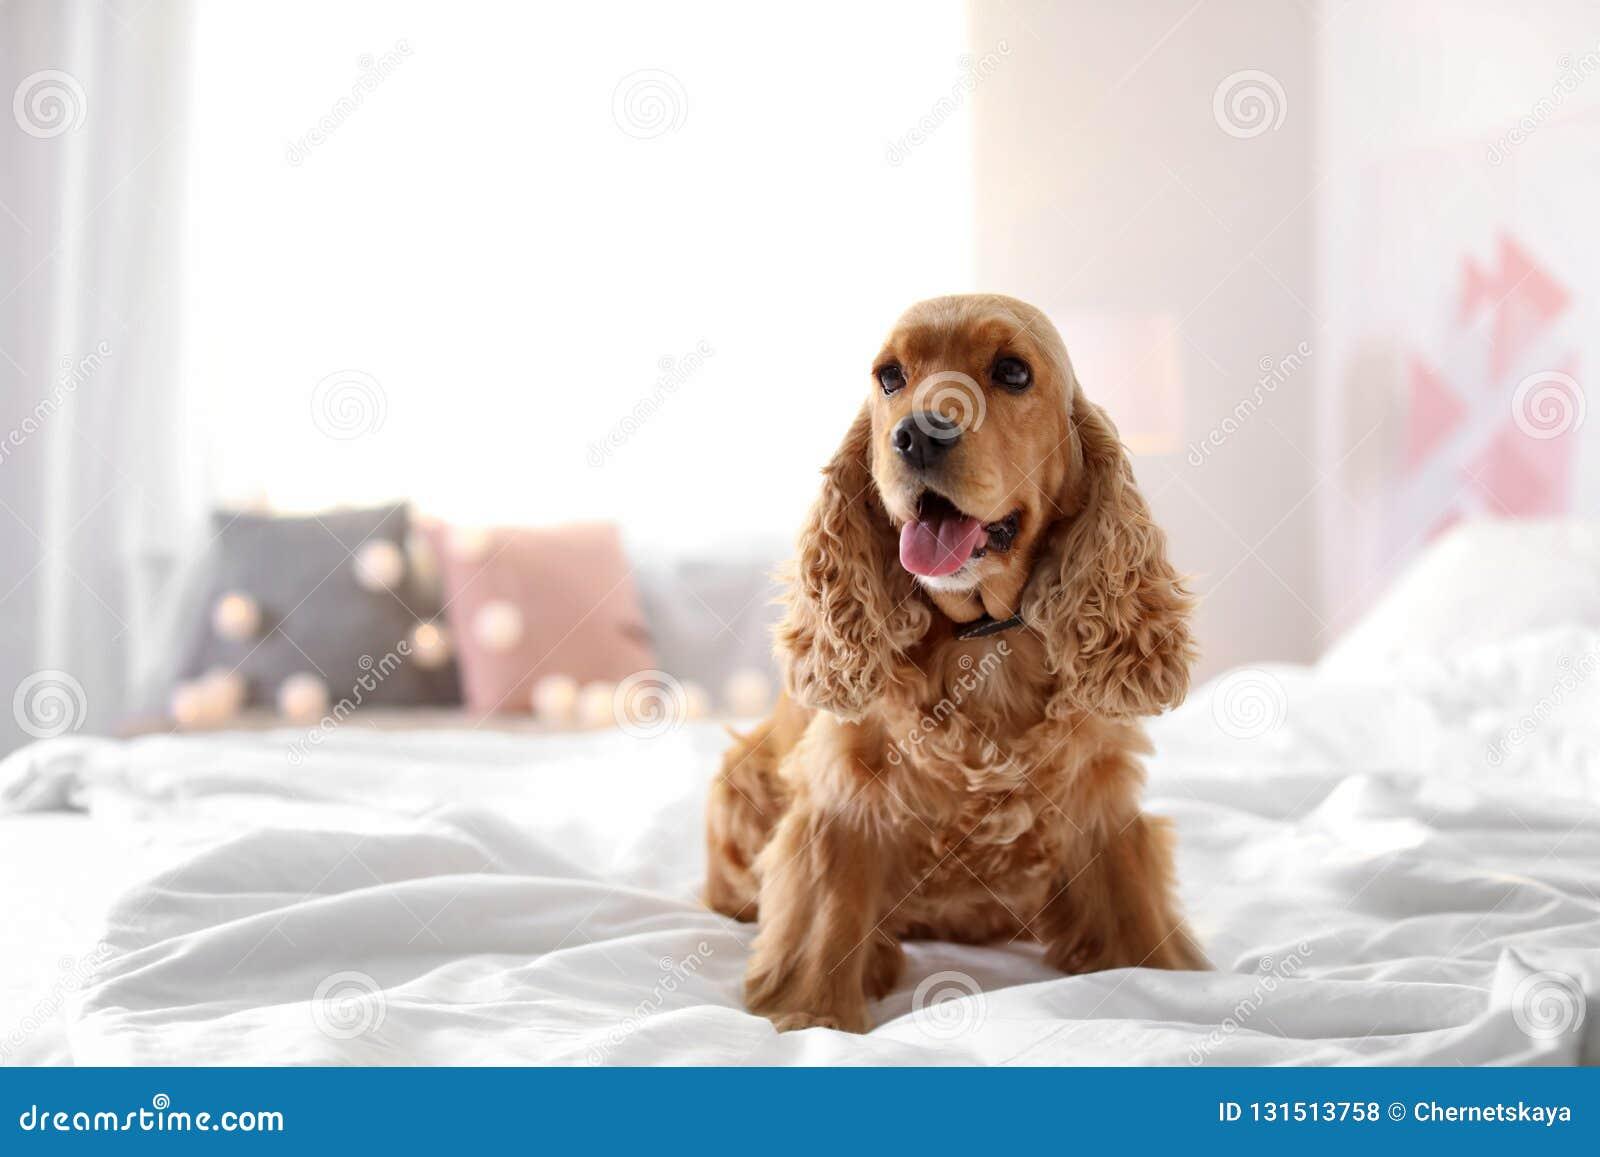 Netter Cocker Spaniel-Hund auf Bett zu Hause